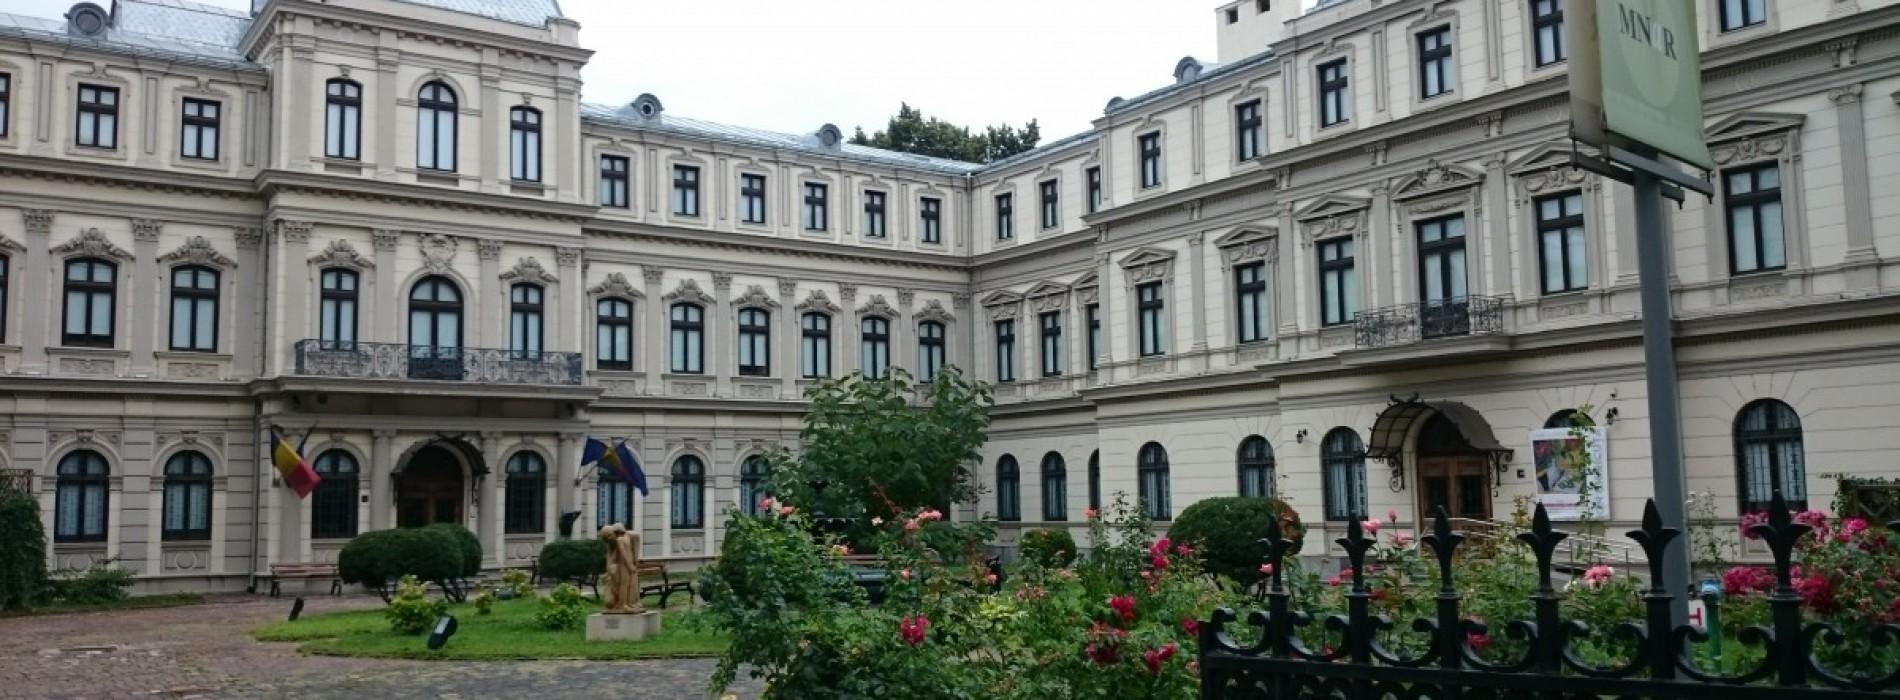 Muzeele din București sunt tocmai bune de vizitat